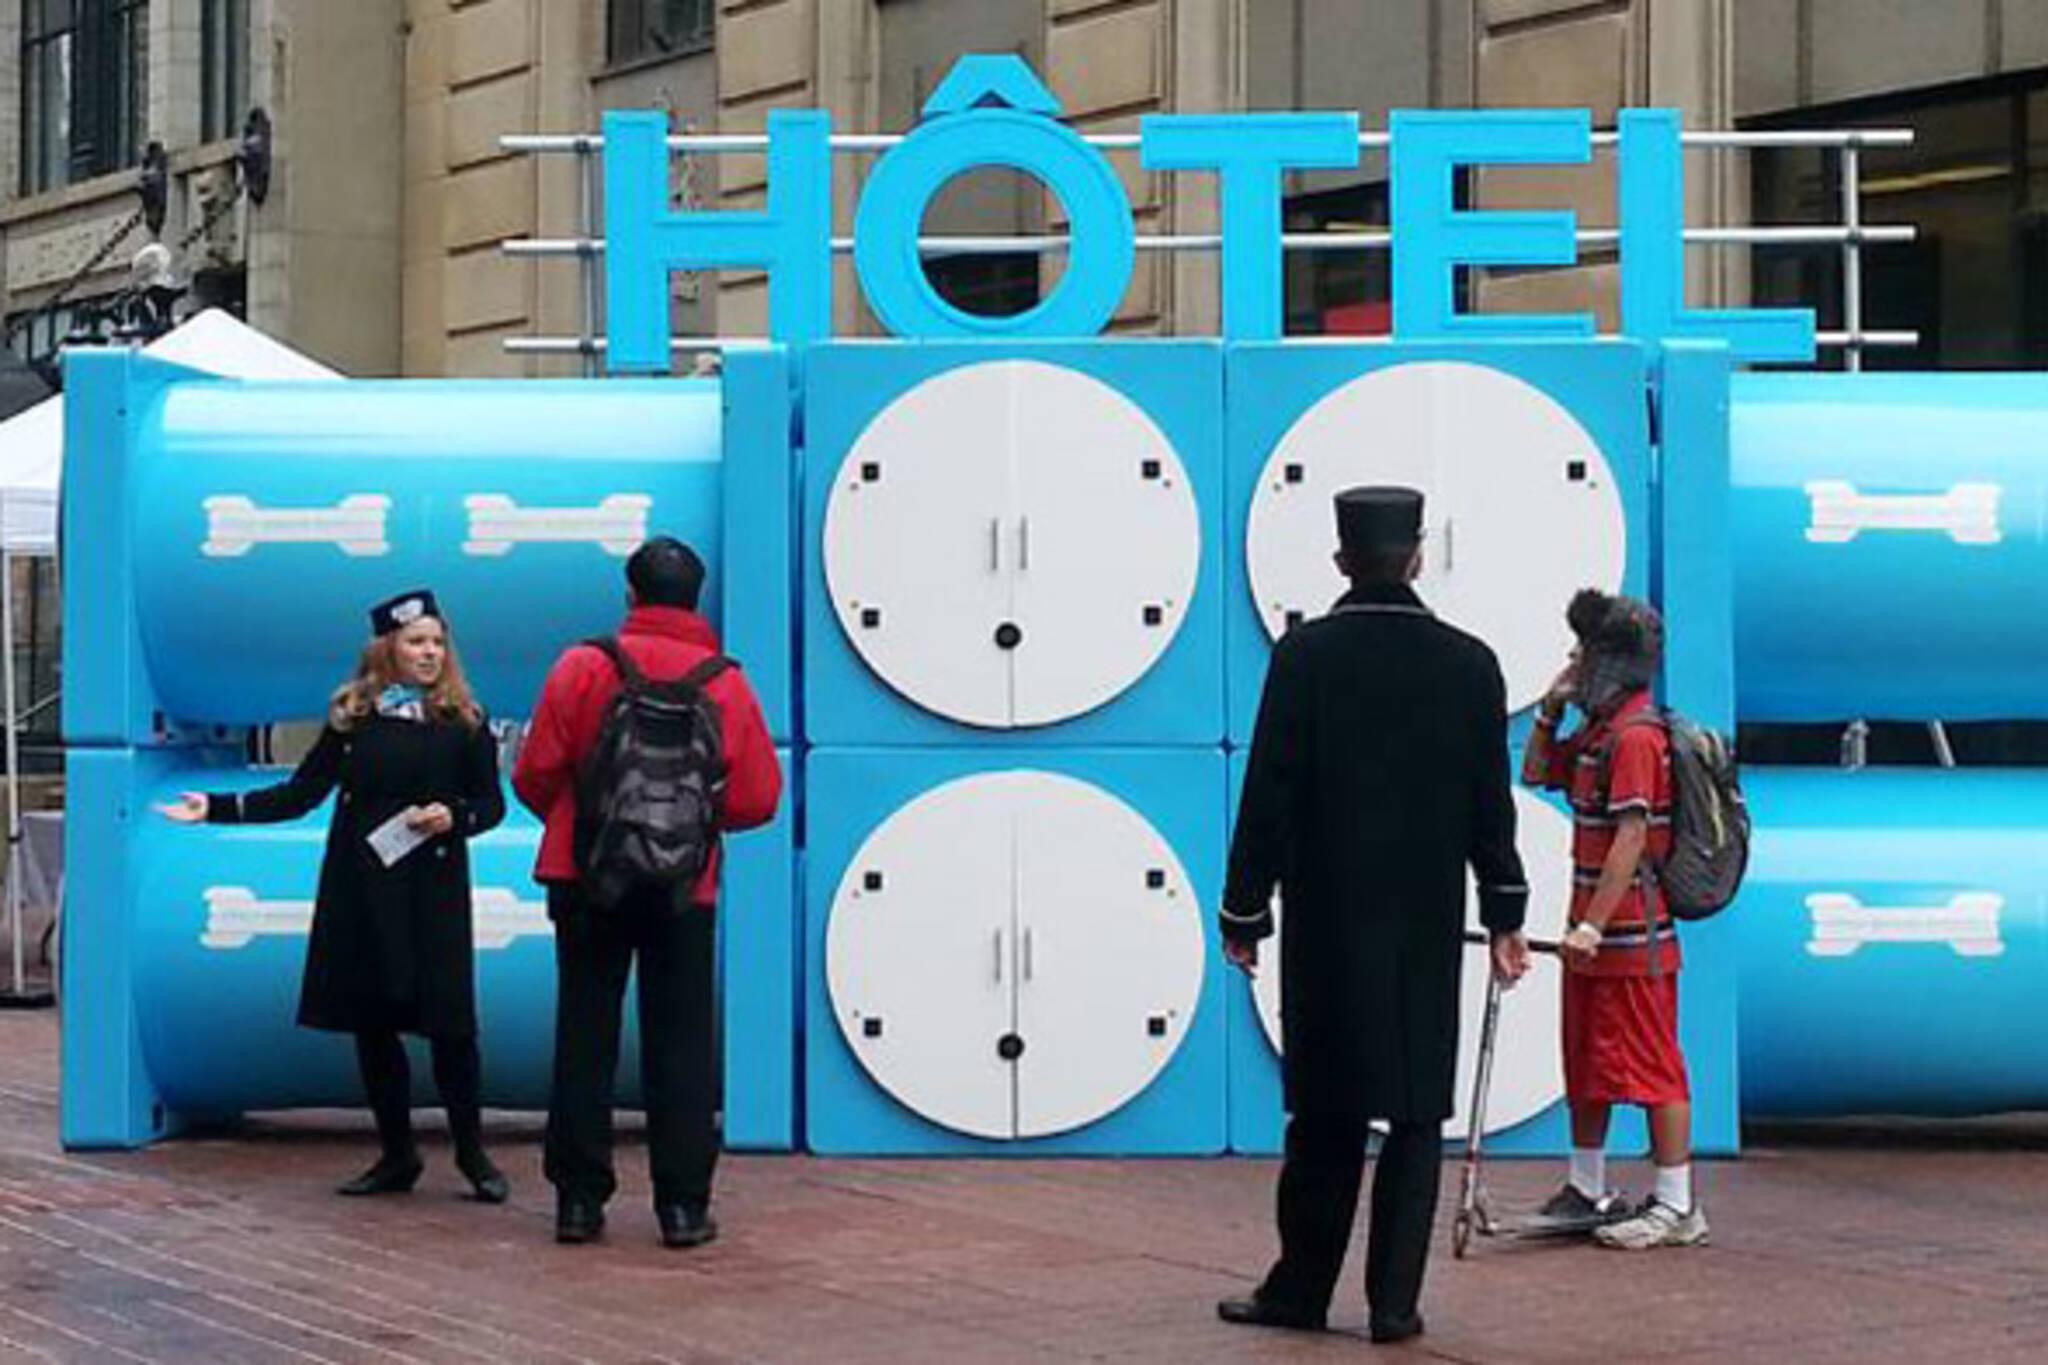 Pod Hotel Toronto